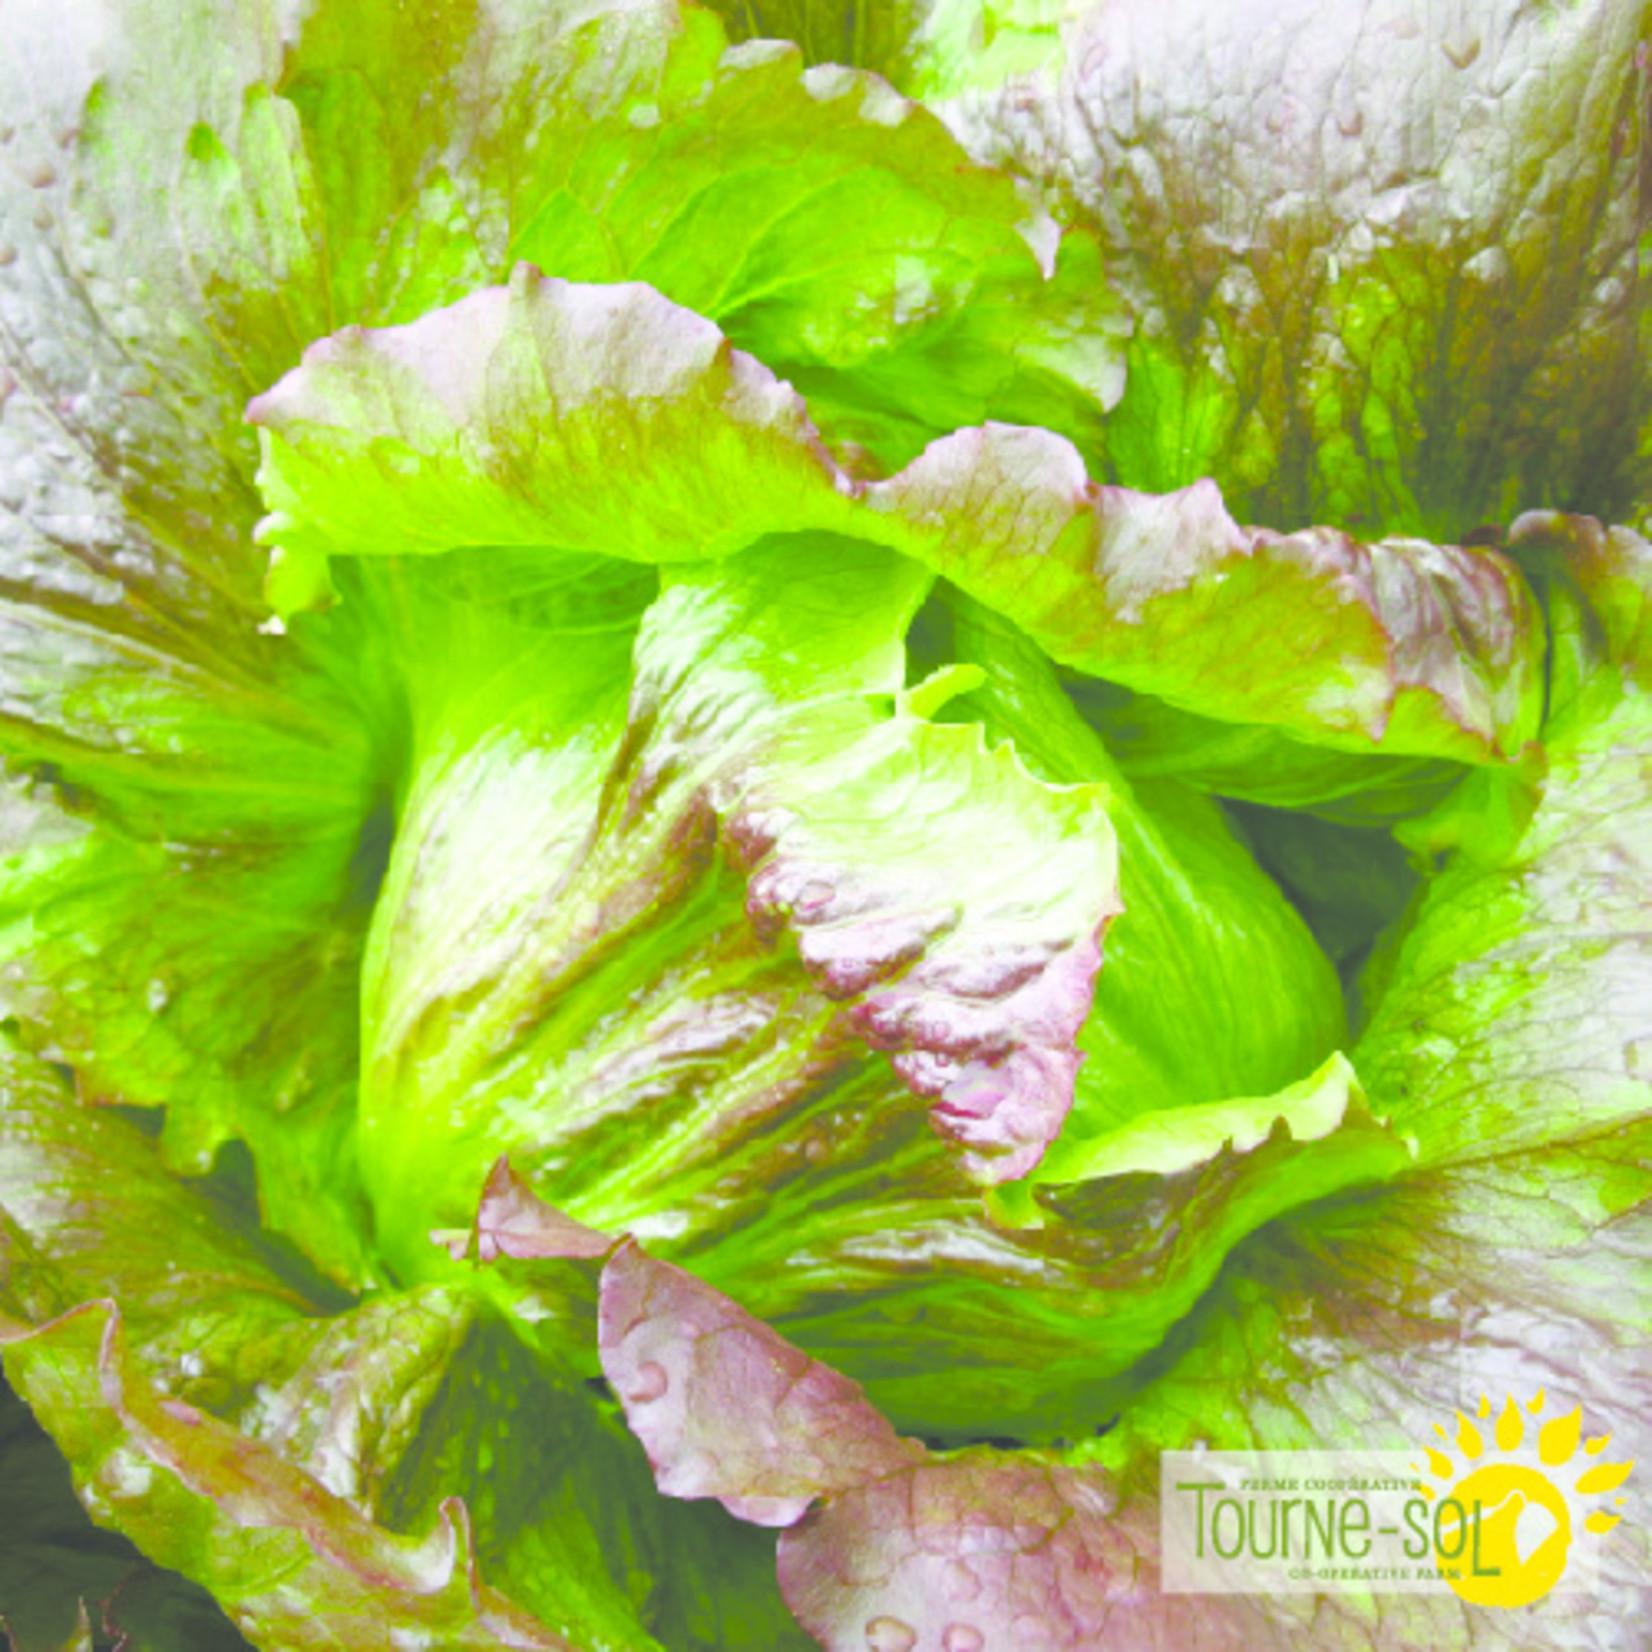 Tourne-Sol Red Iceberg lettuce